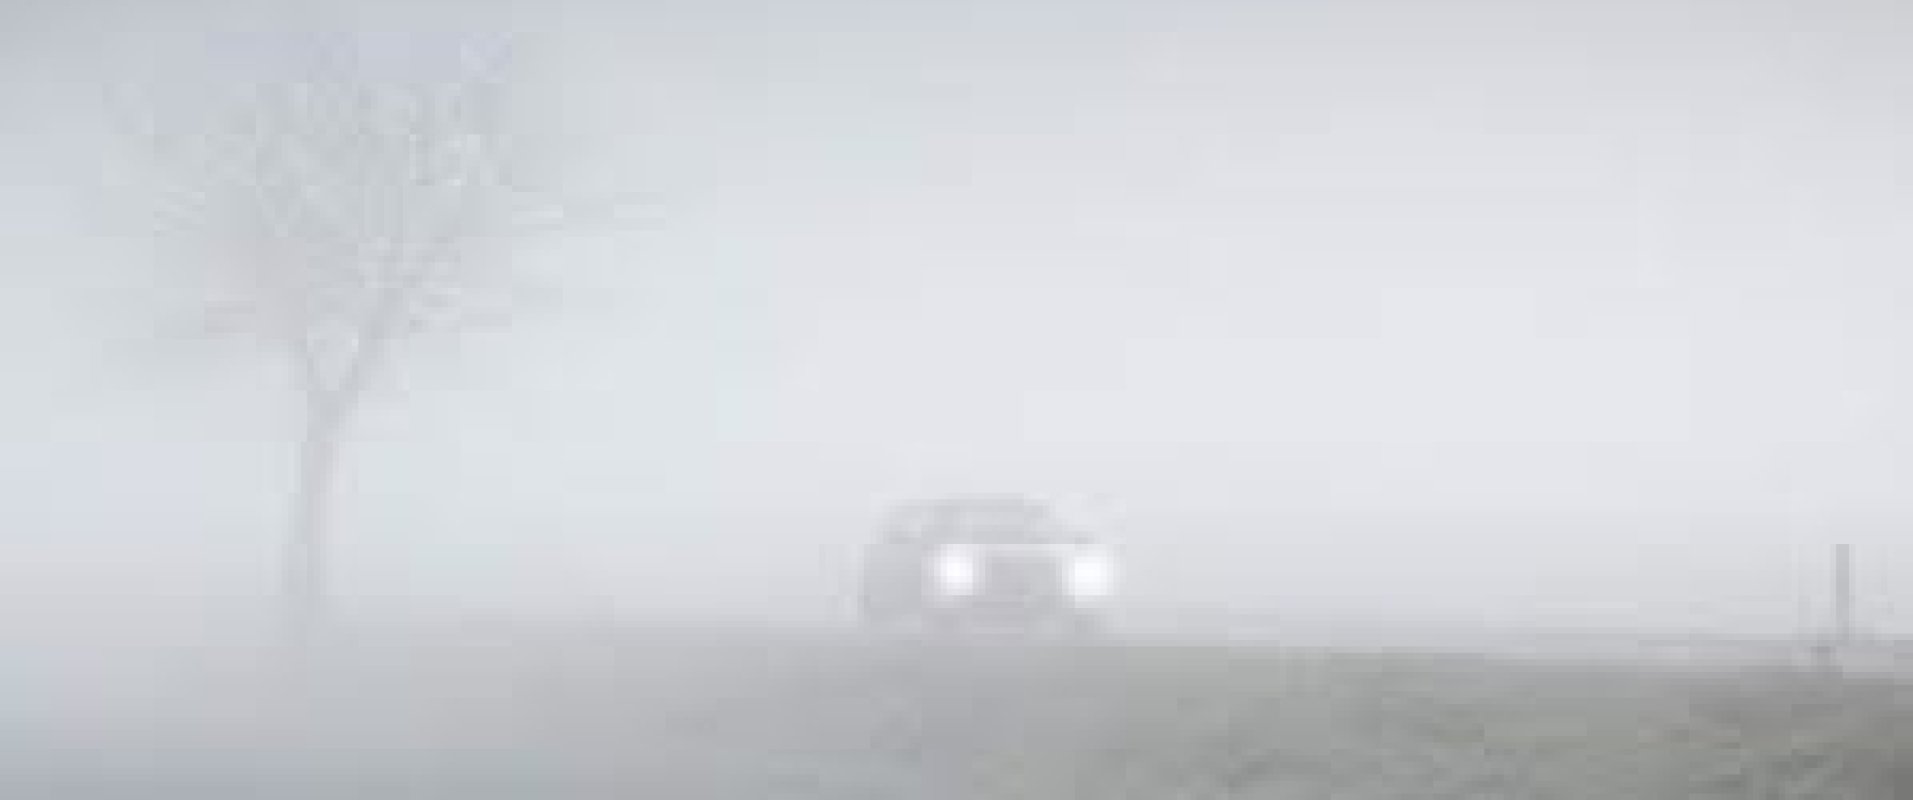 Mist vertroebelt de blik naar buiten